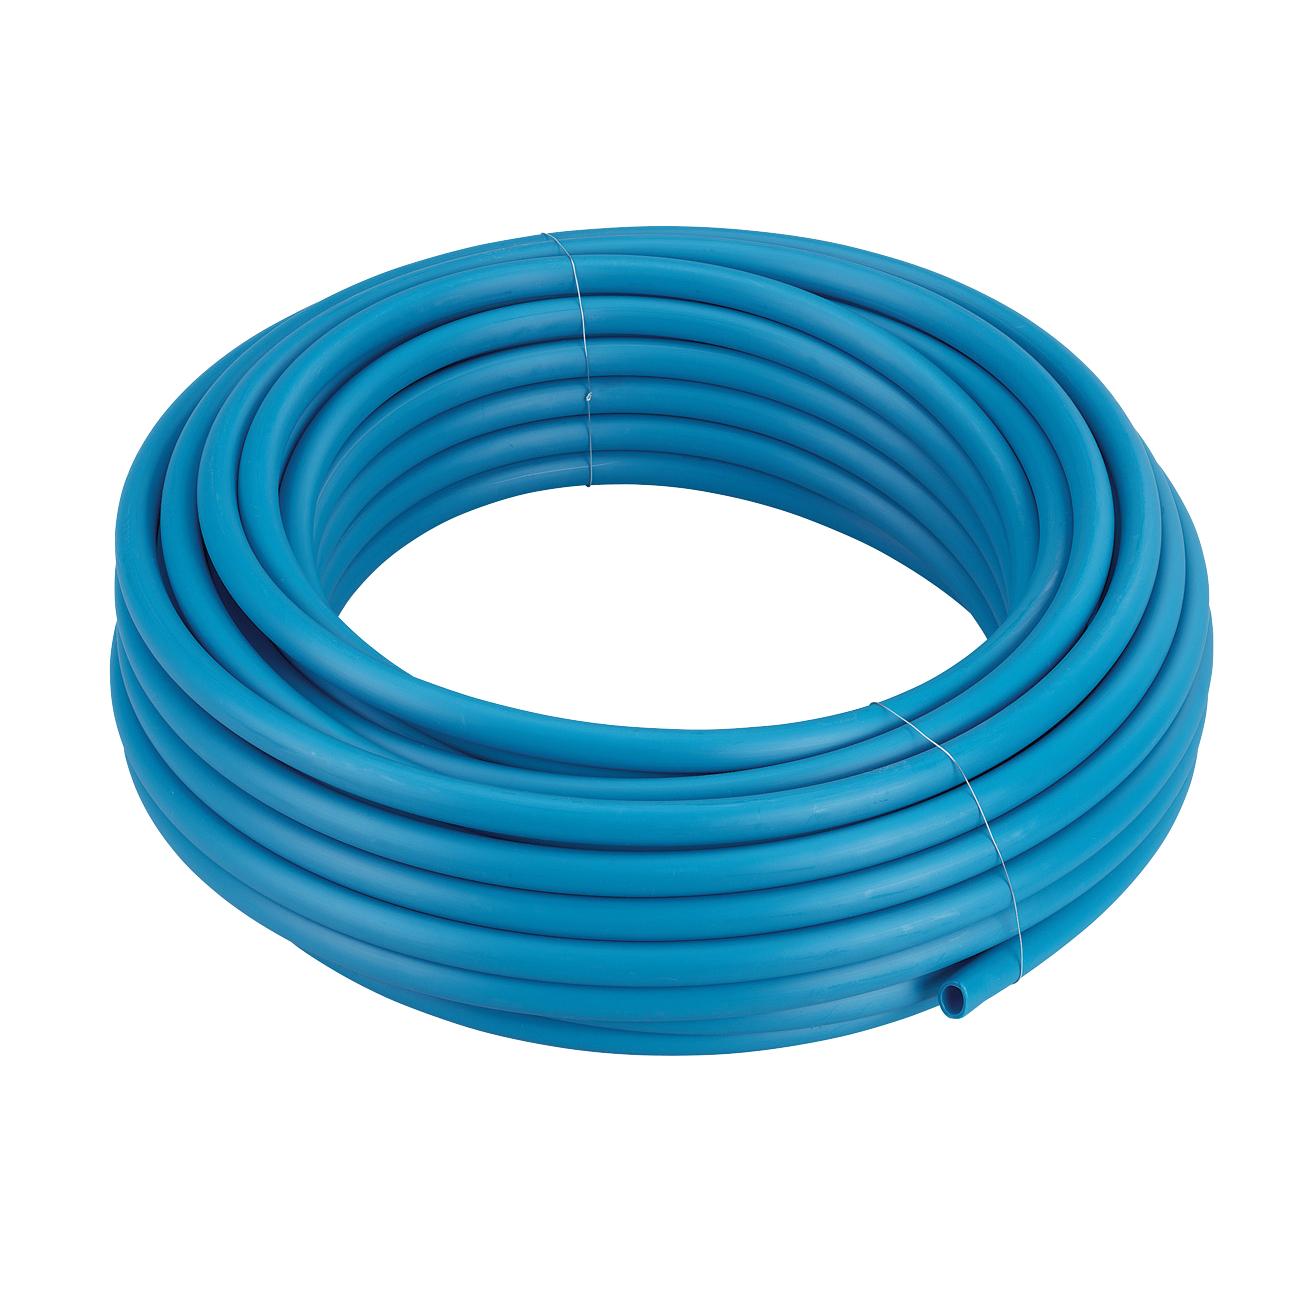 Blu-Lock Tubing